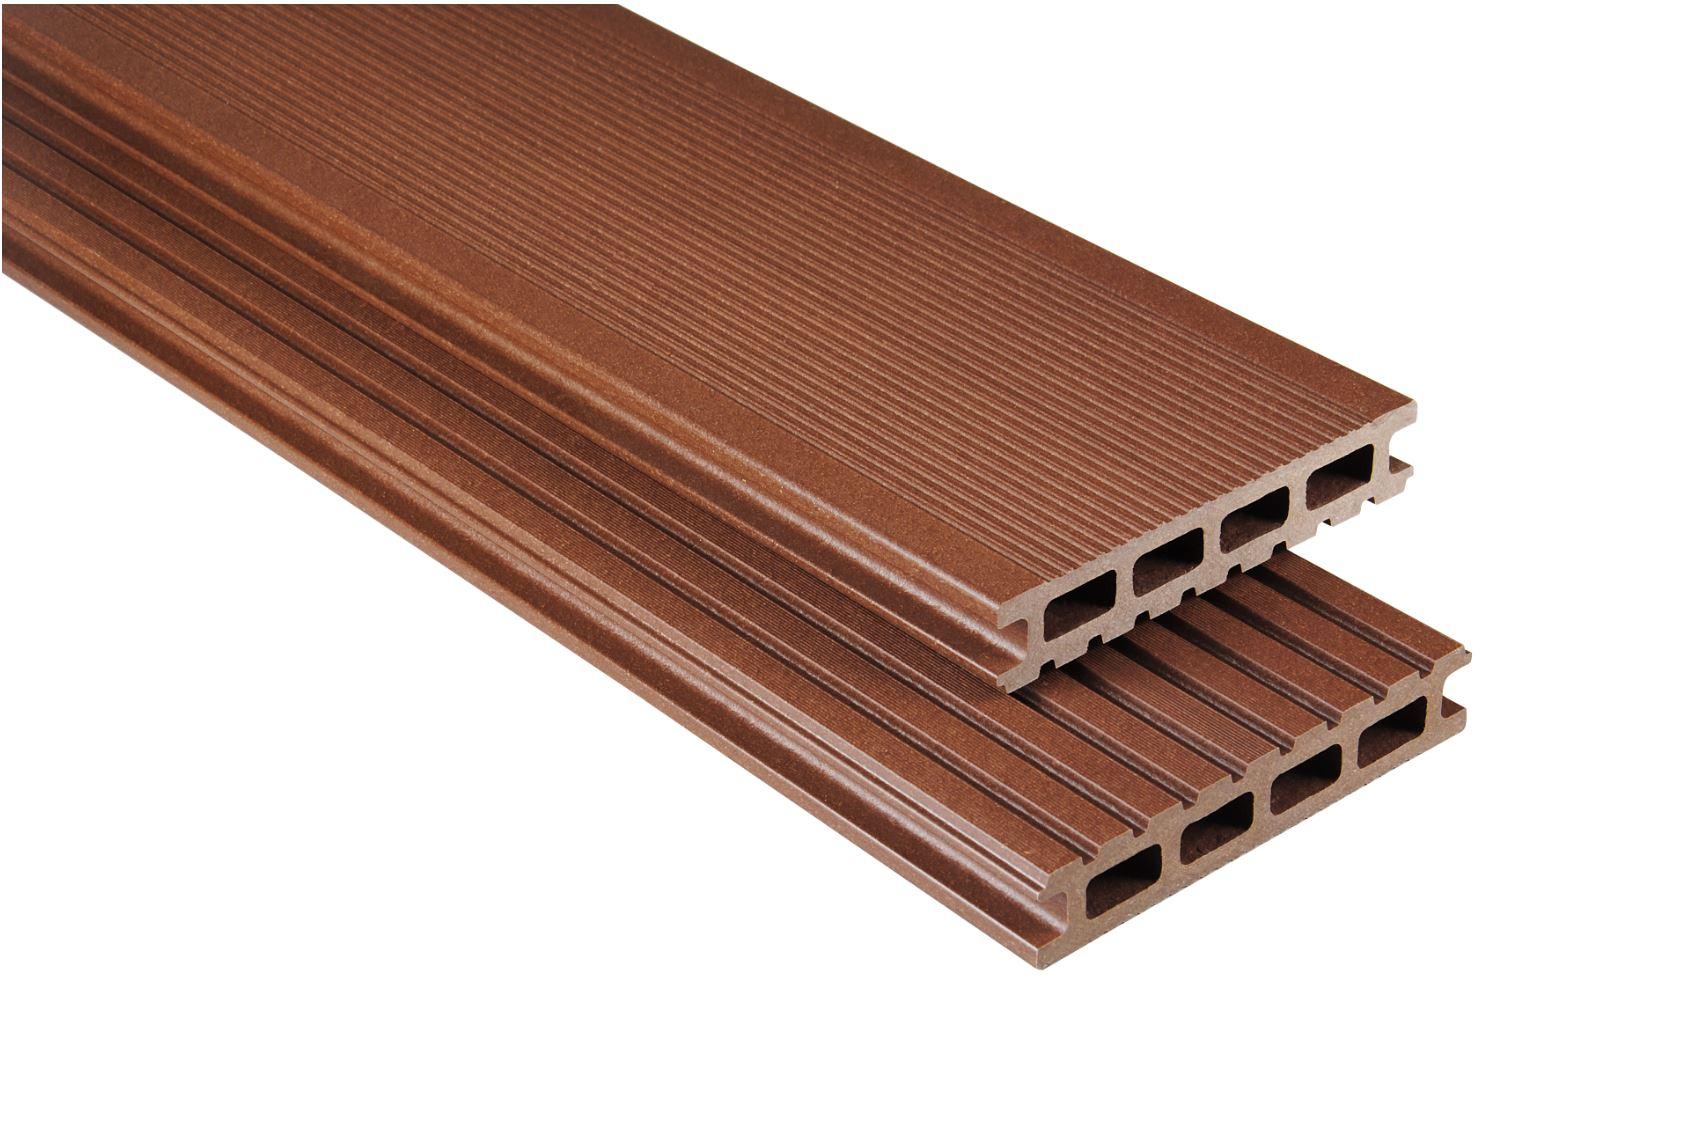 Standard Hohlkammer Braun mattiert, 26x145 mm